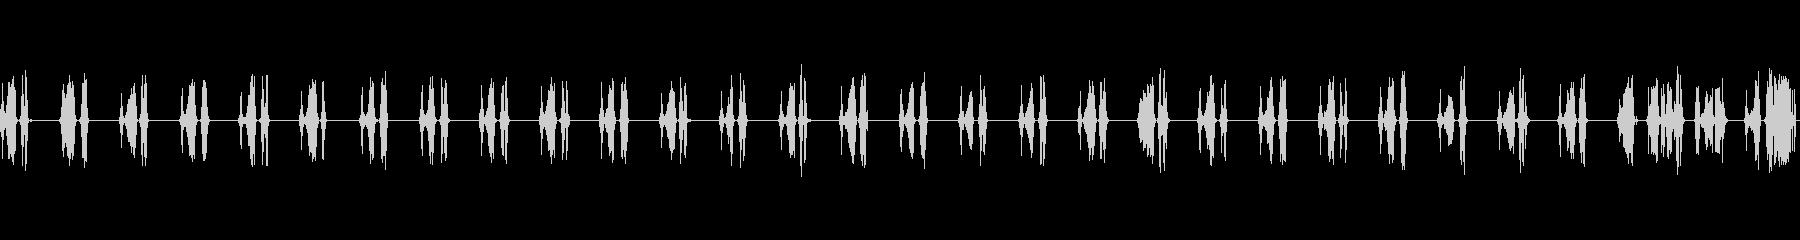 通信スキャナーのスキャン頻度低静的...の未再生の波形